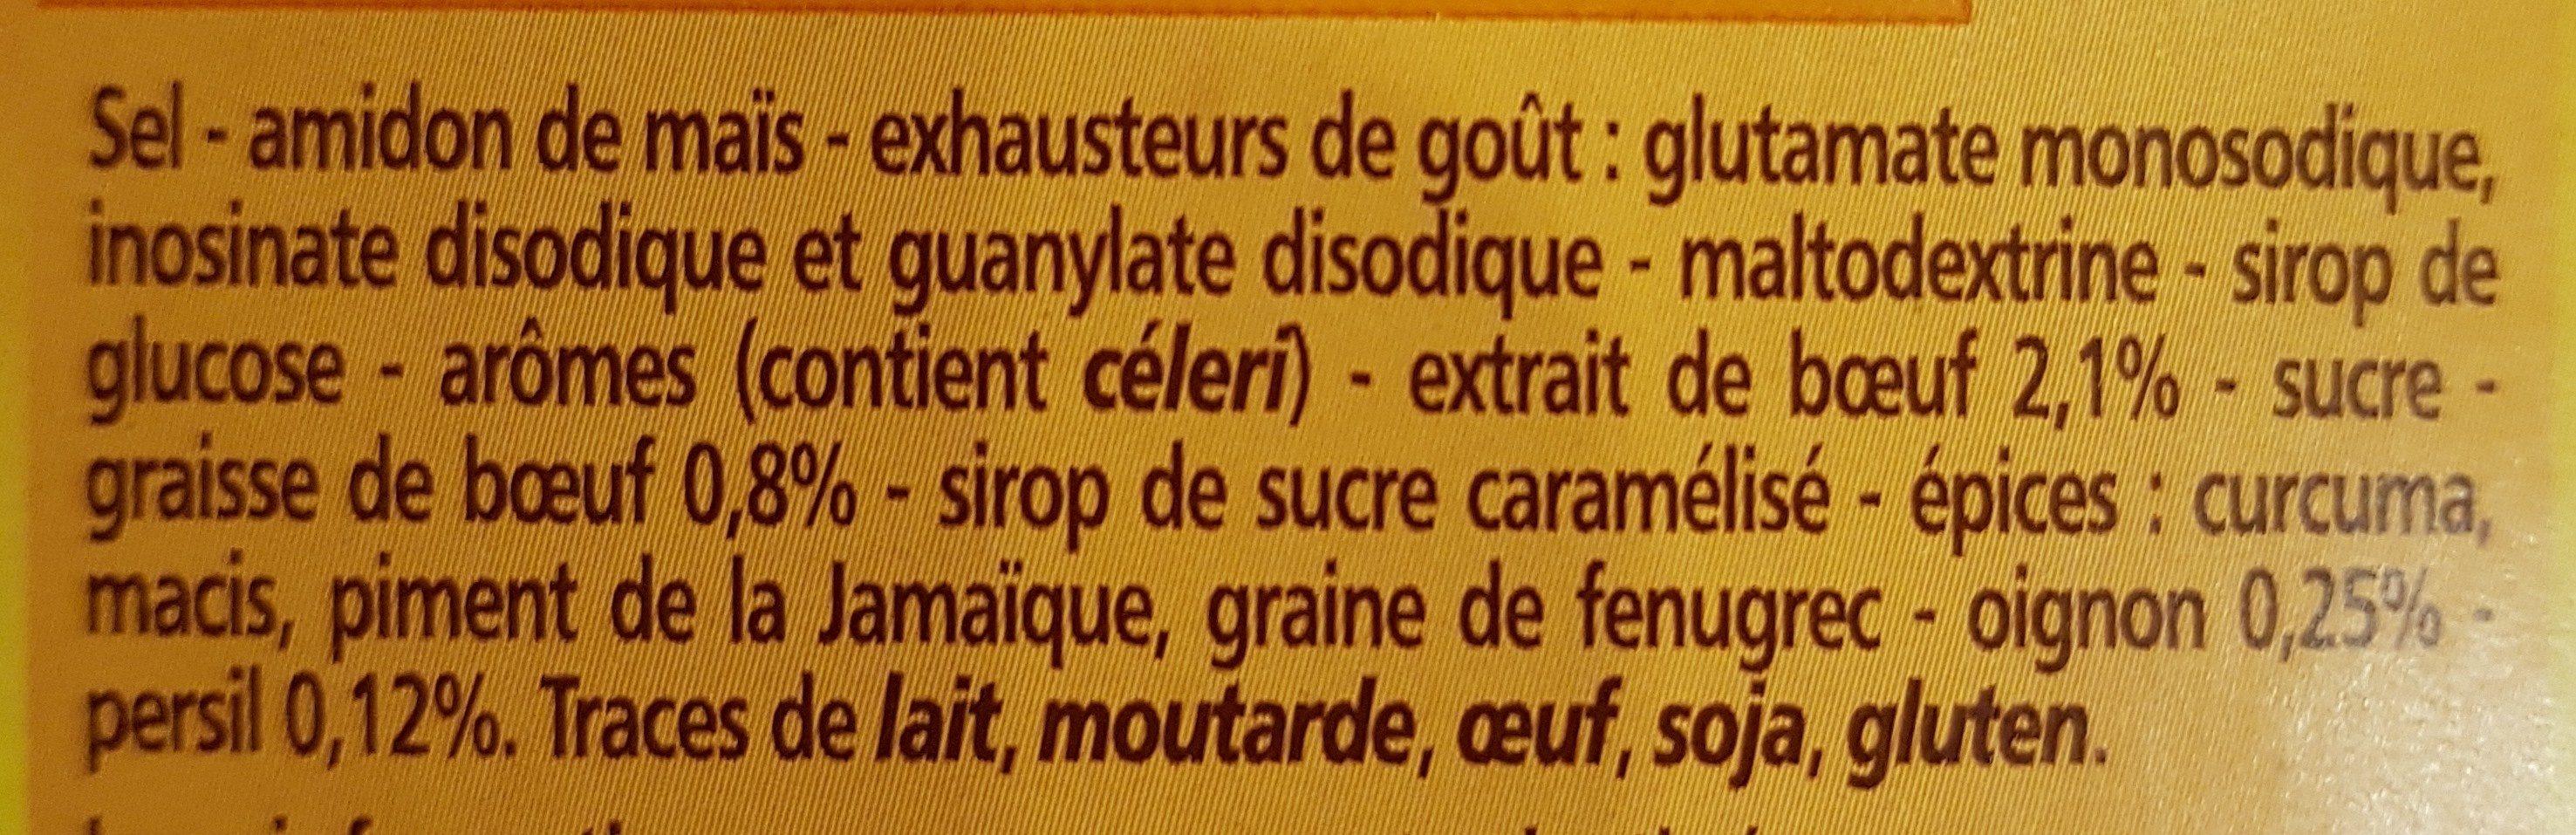 Bouillon e cube de bœuf - Ingrédients - fr